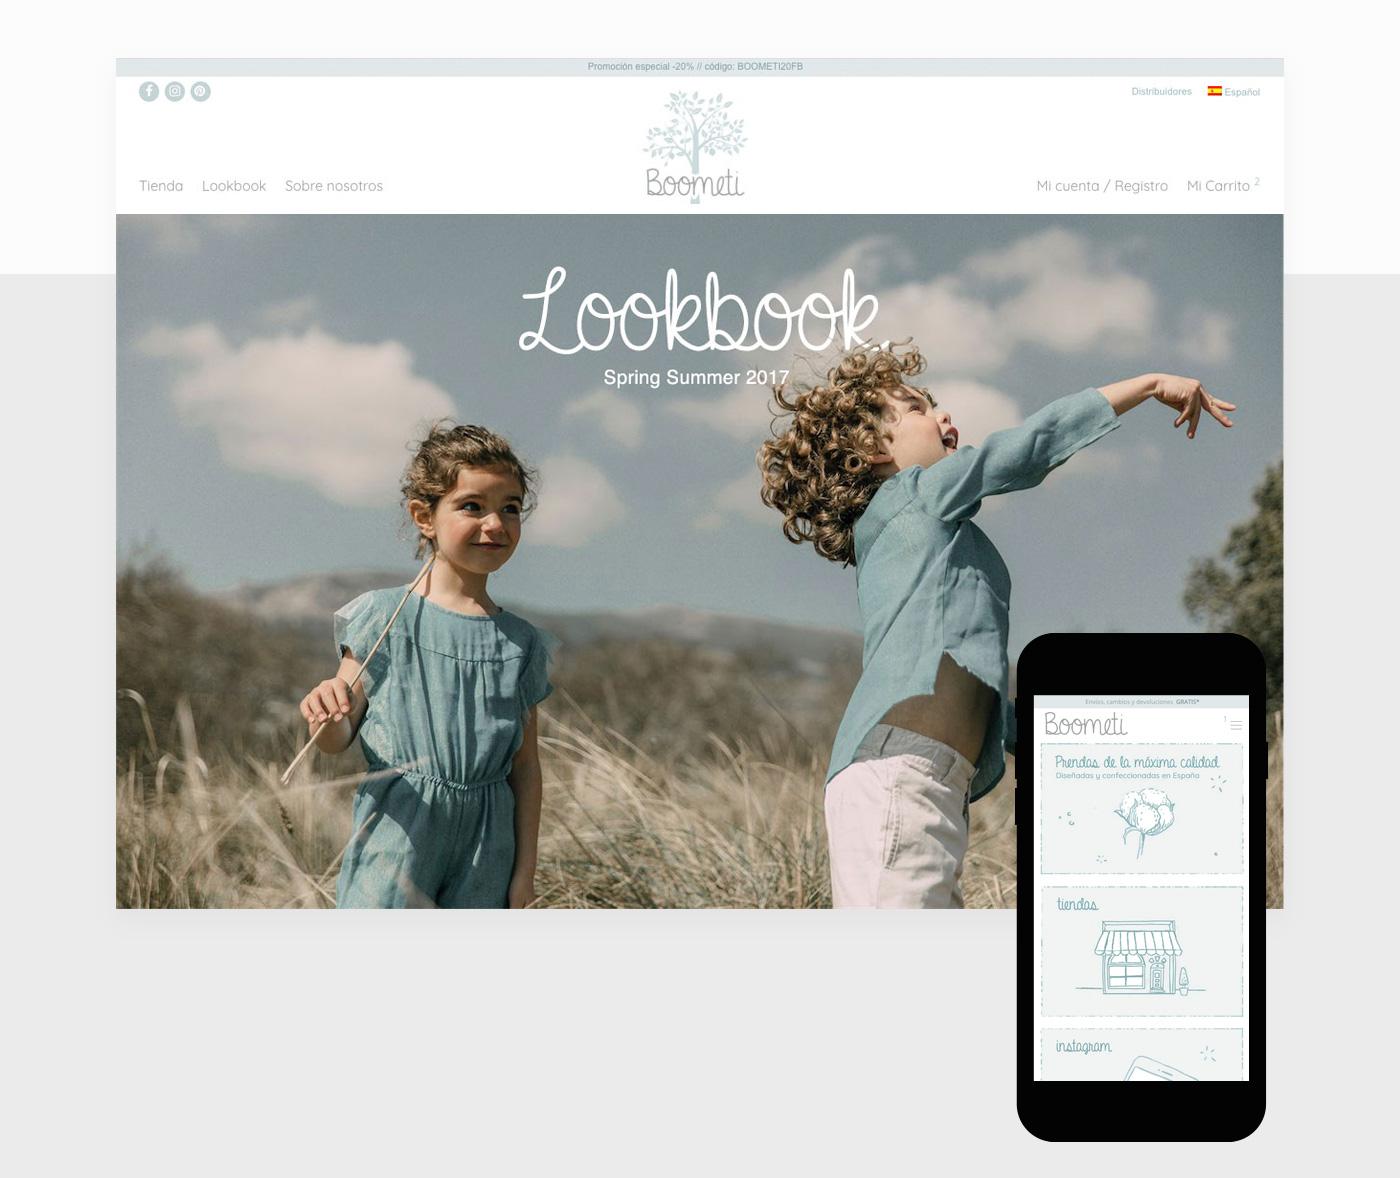 diseño lookbook tienda online moda